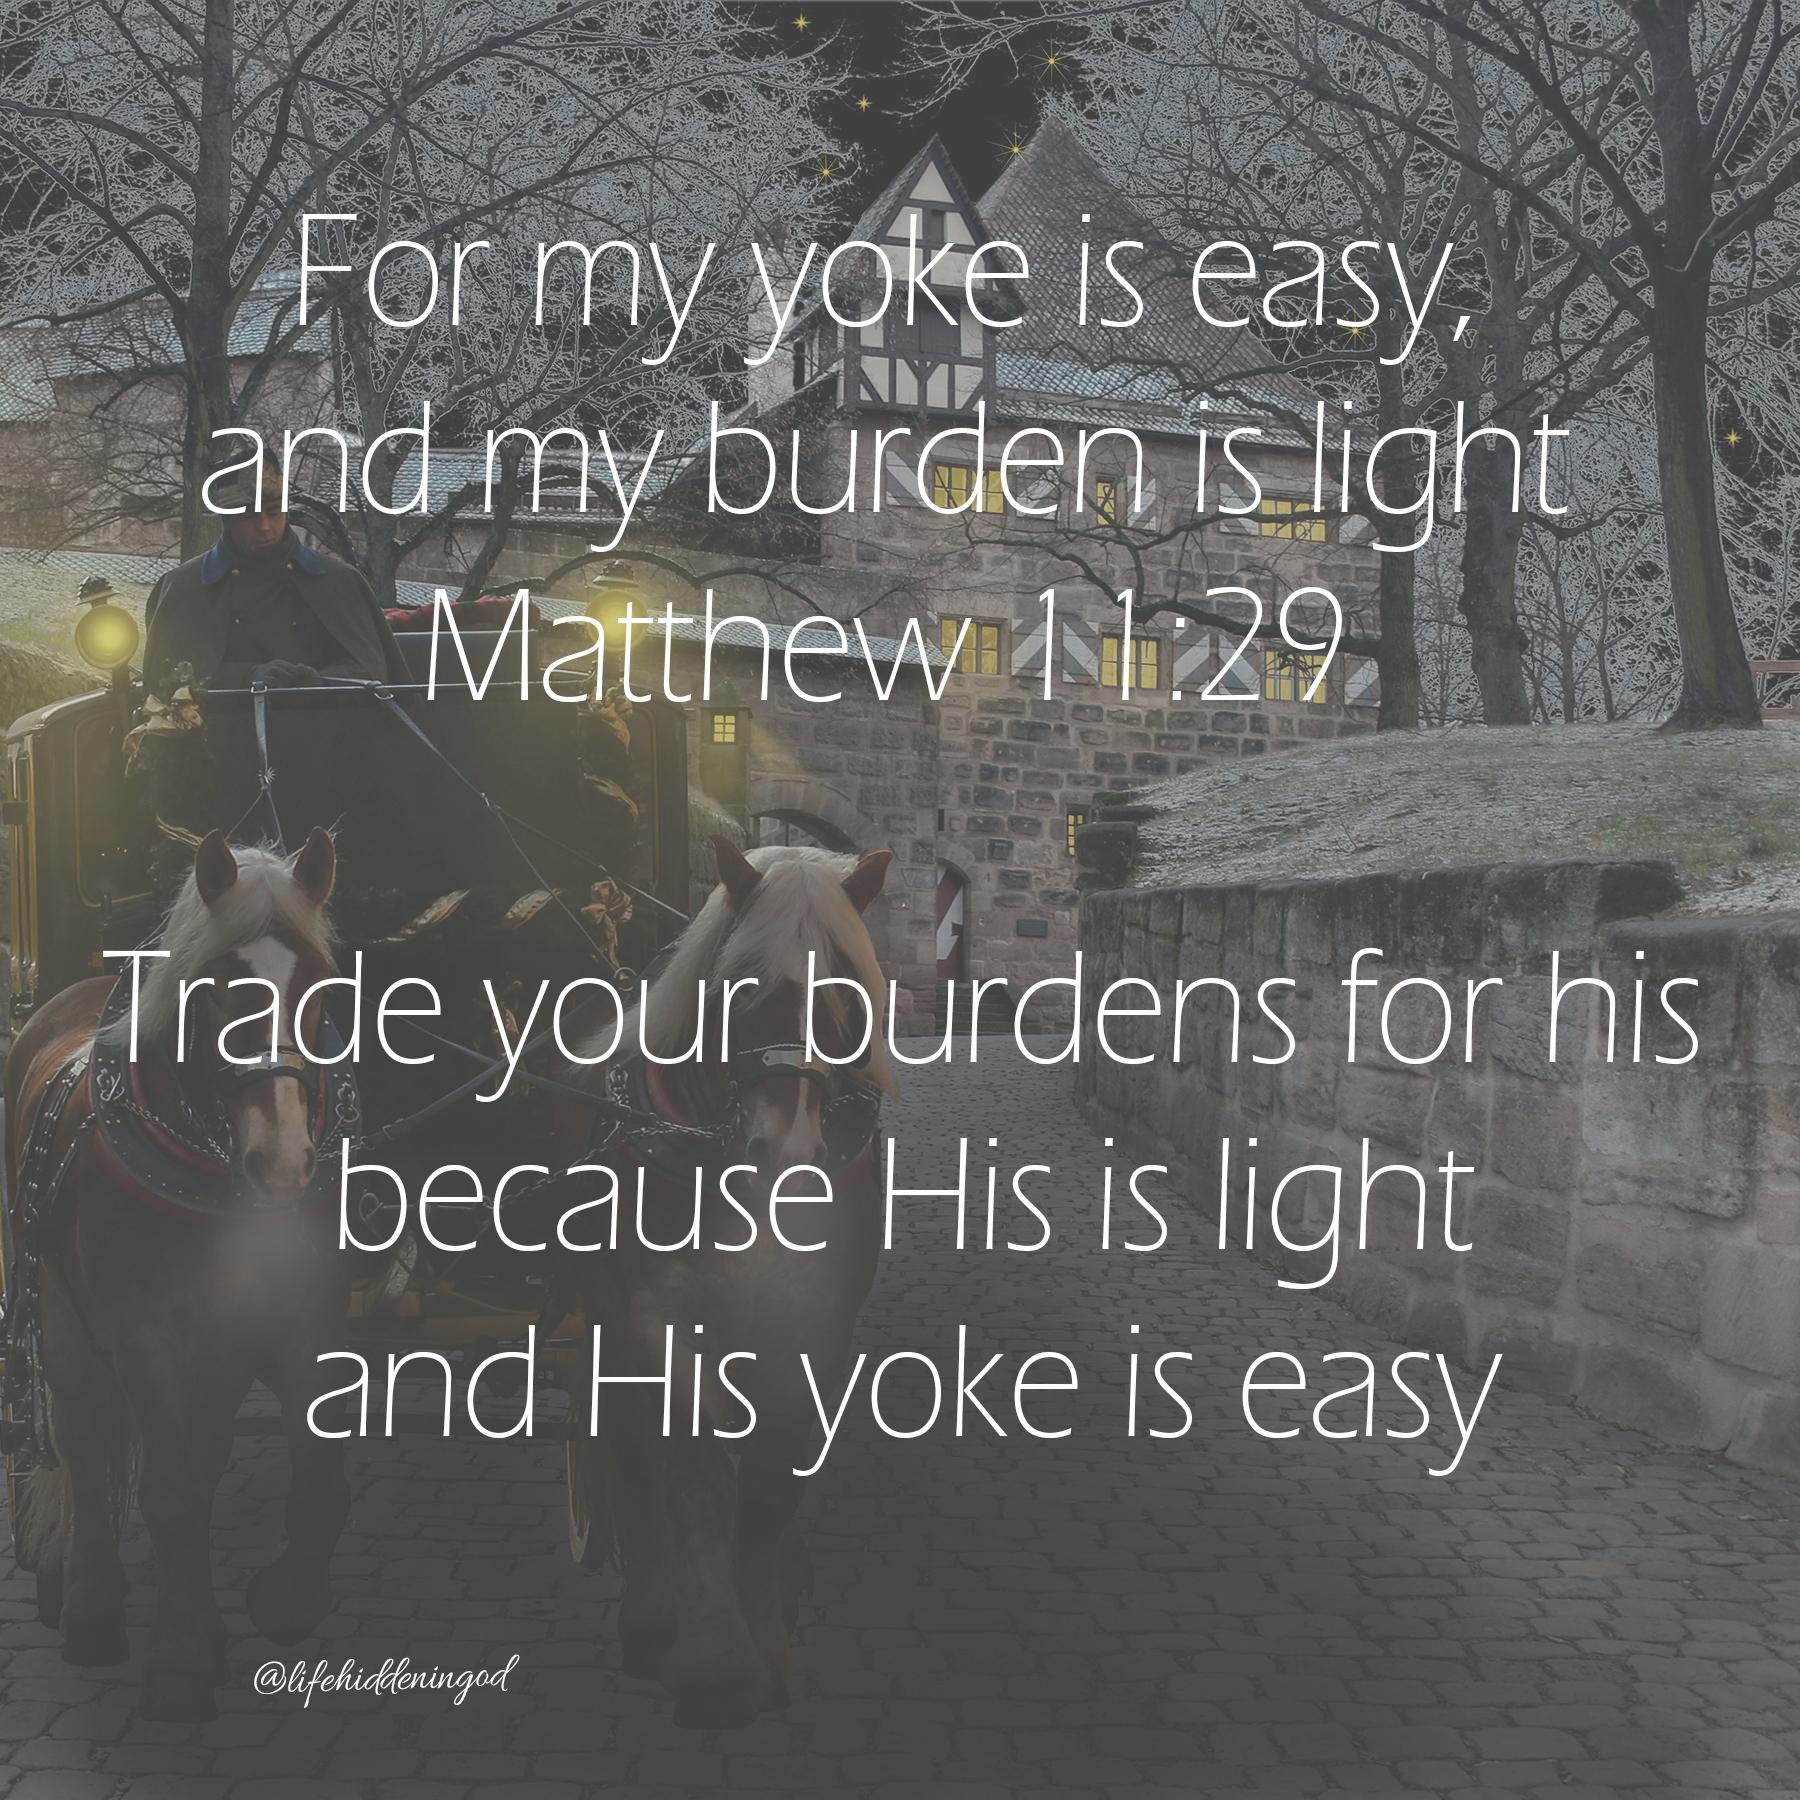 Matthew 11:29 scripture